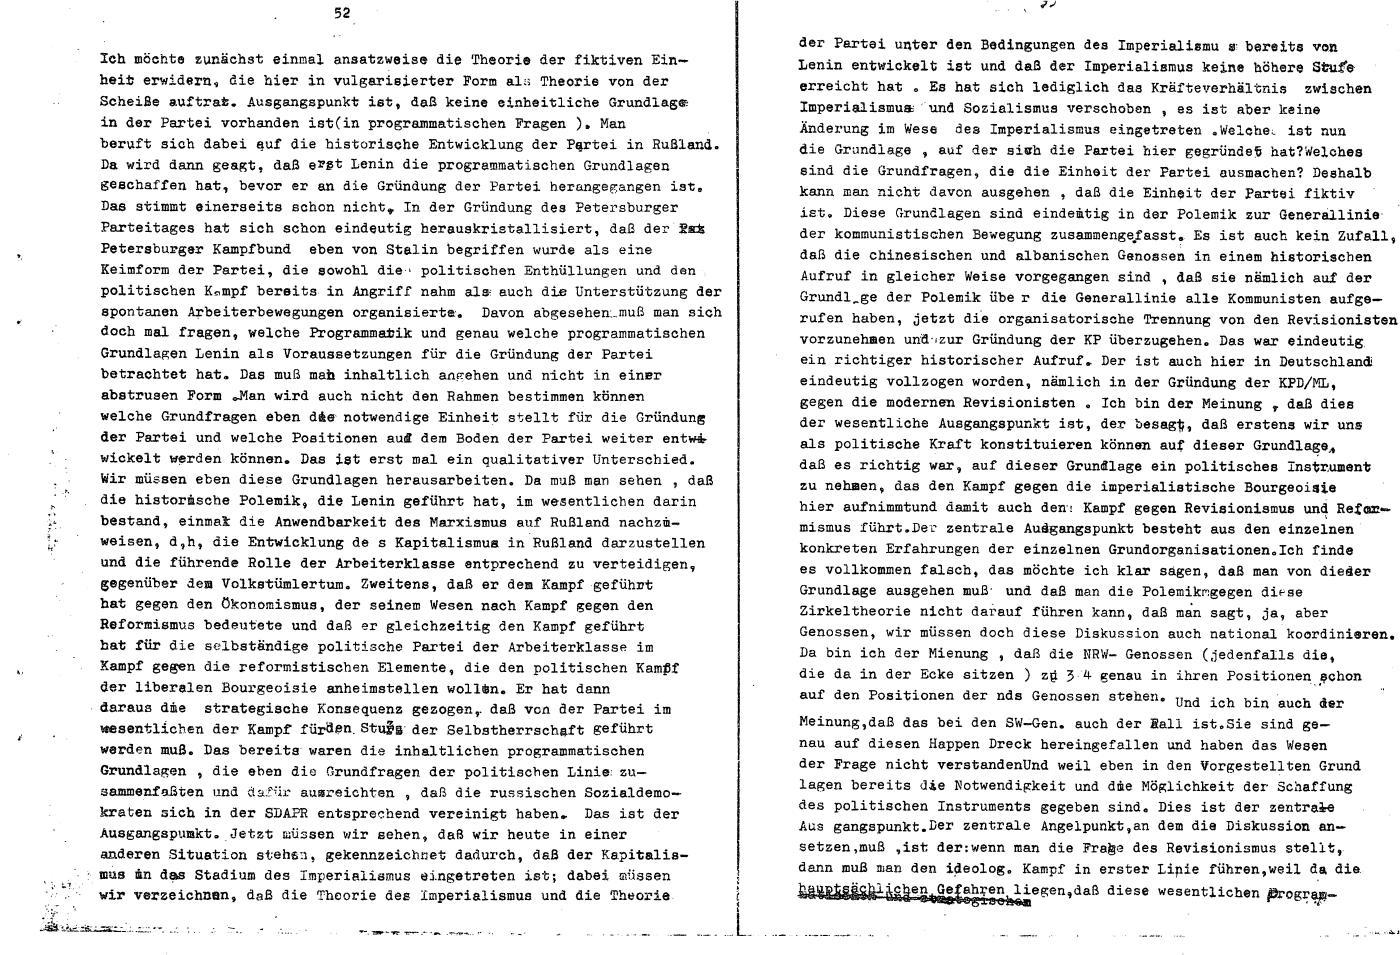 KPDML_1971_Wortprotokolle_aoPt_015